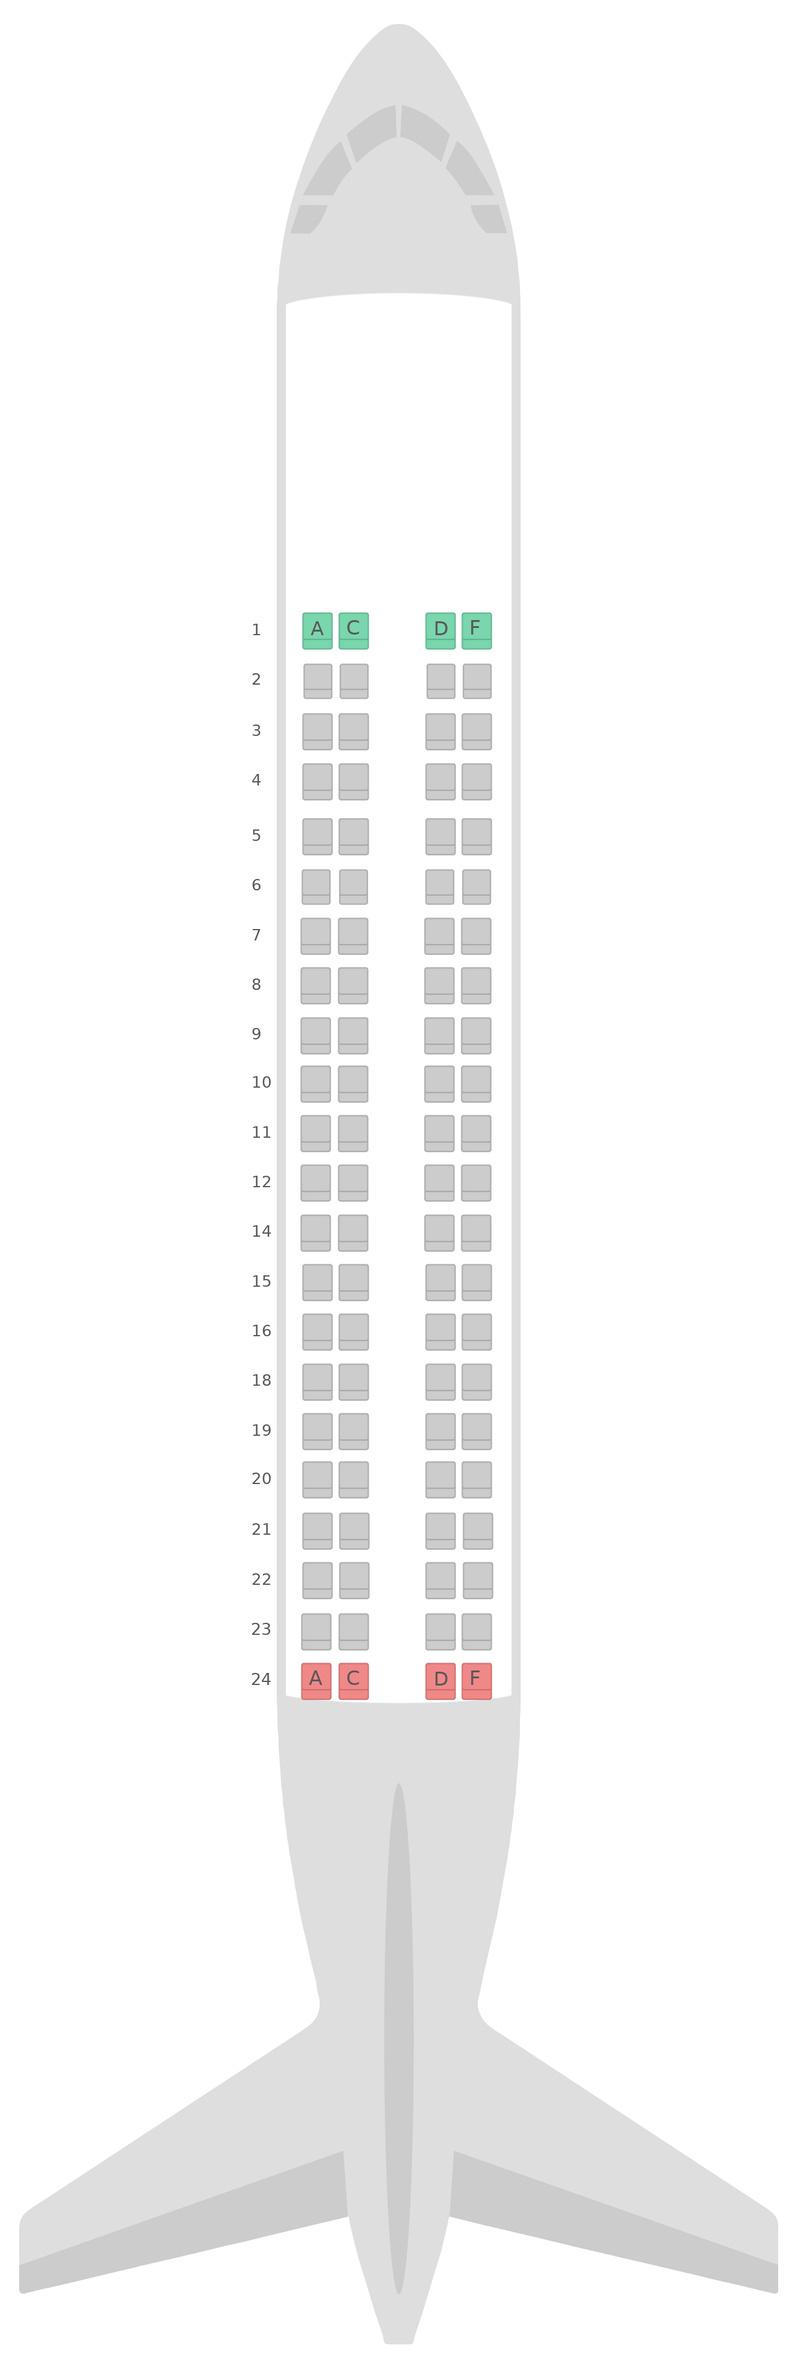 Mapa de asientos Embraer E175 (E75) Alitalia